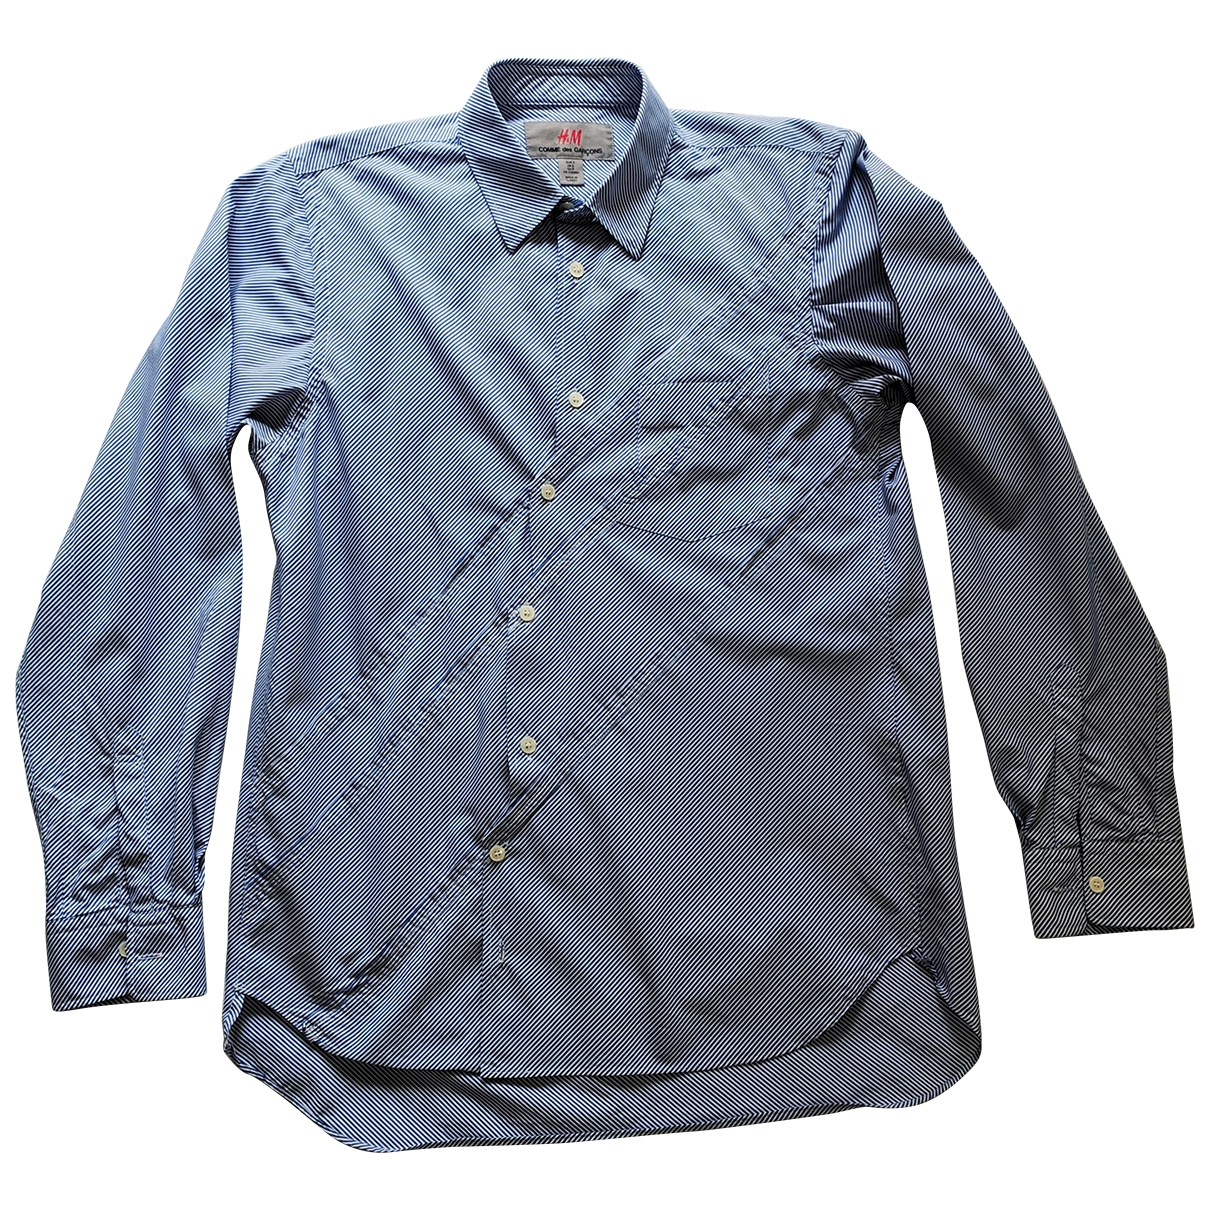 Comme Des Garcons X H&m \N Hemden in  Blau Baumwolle